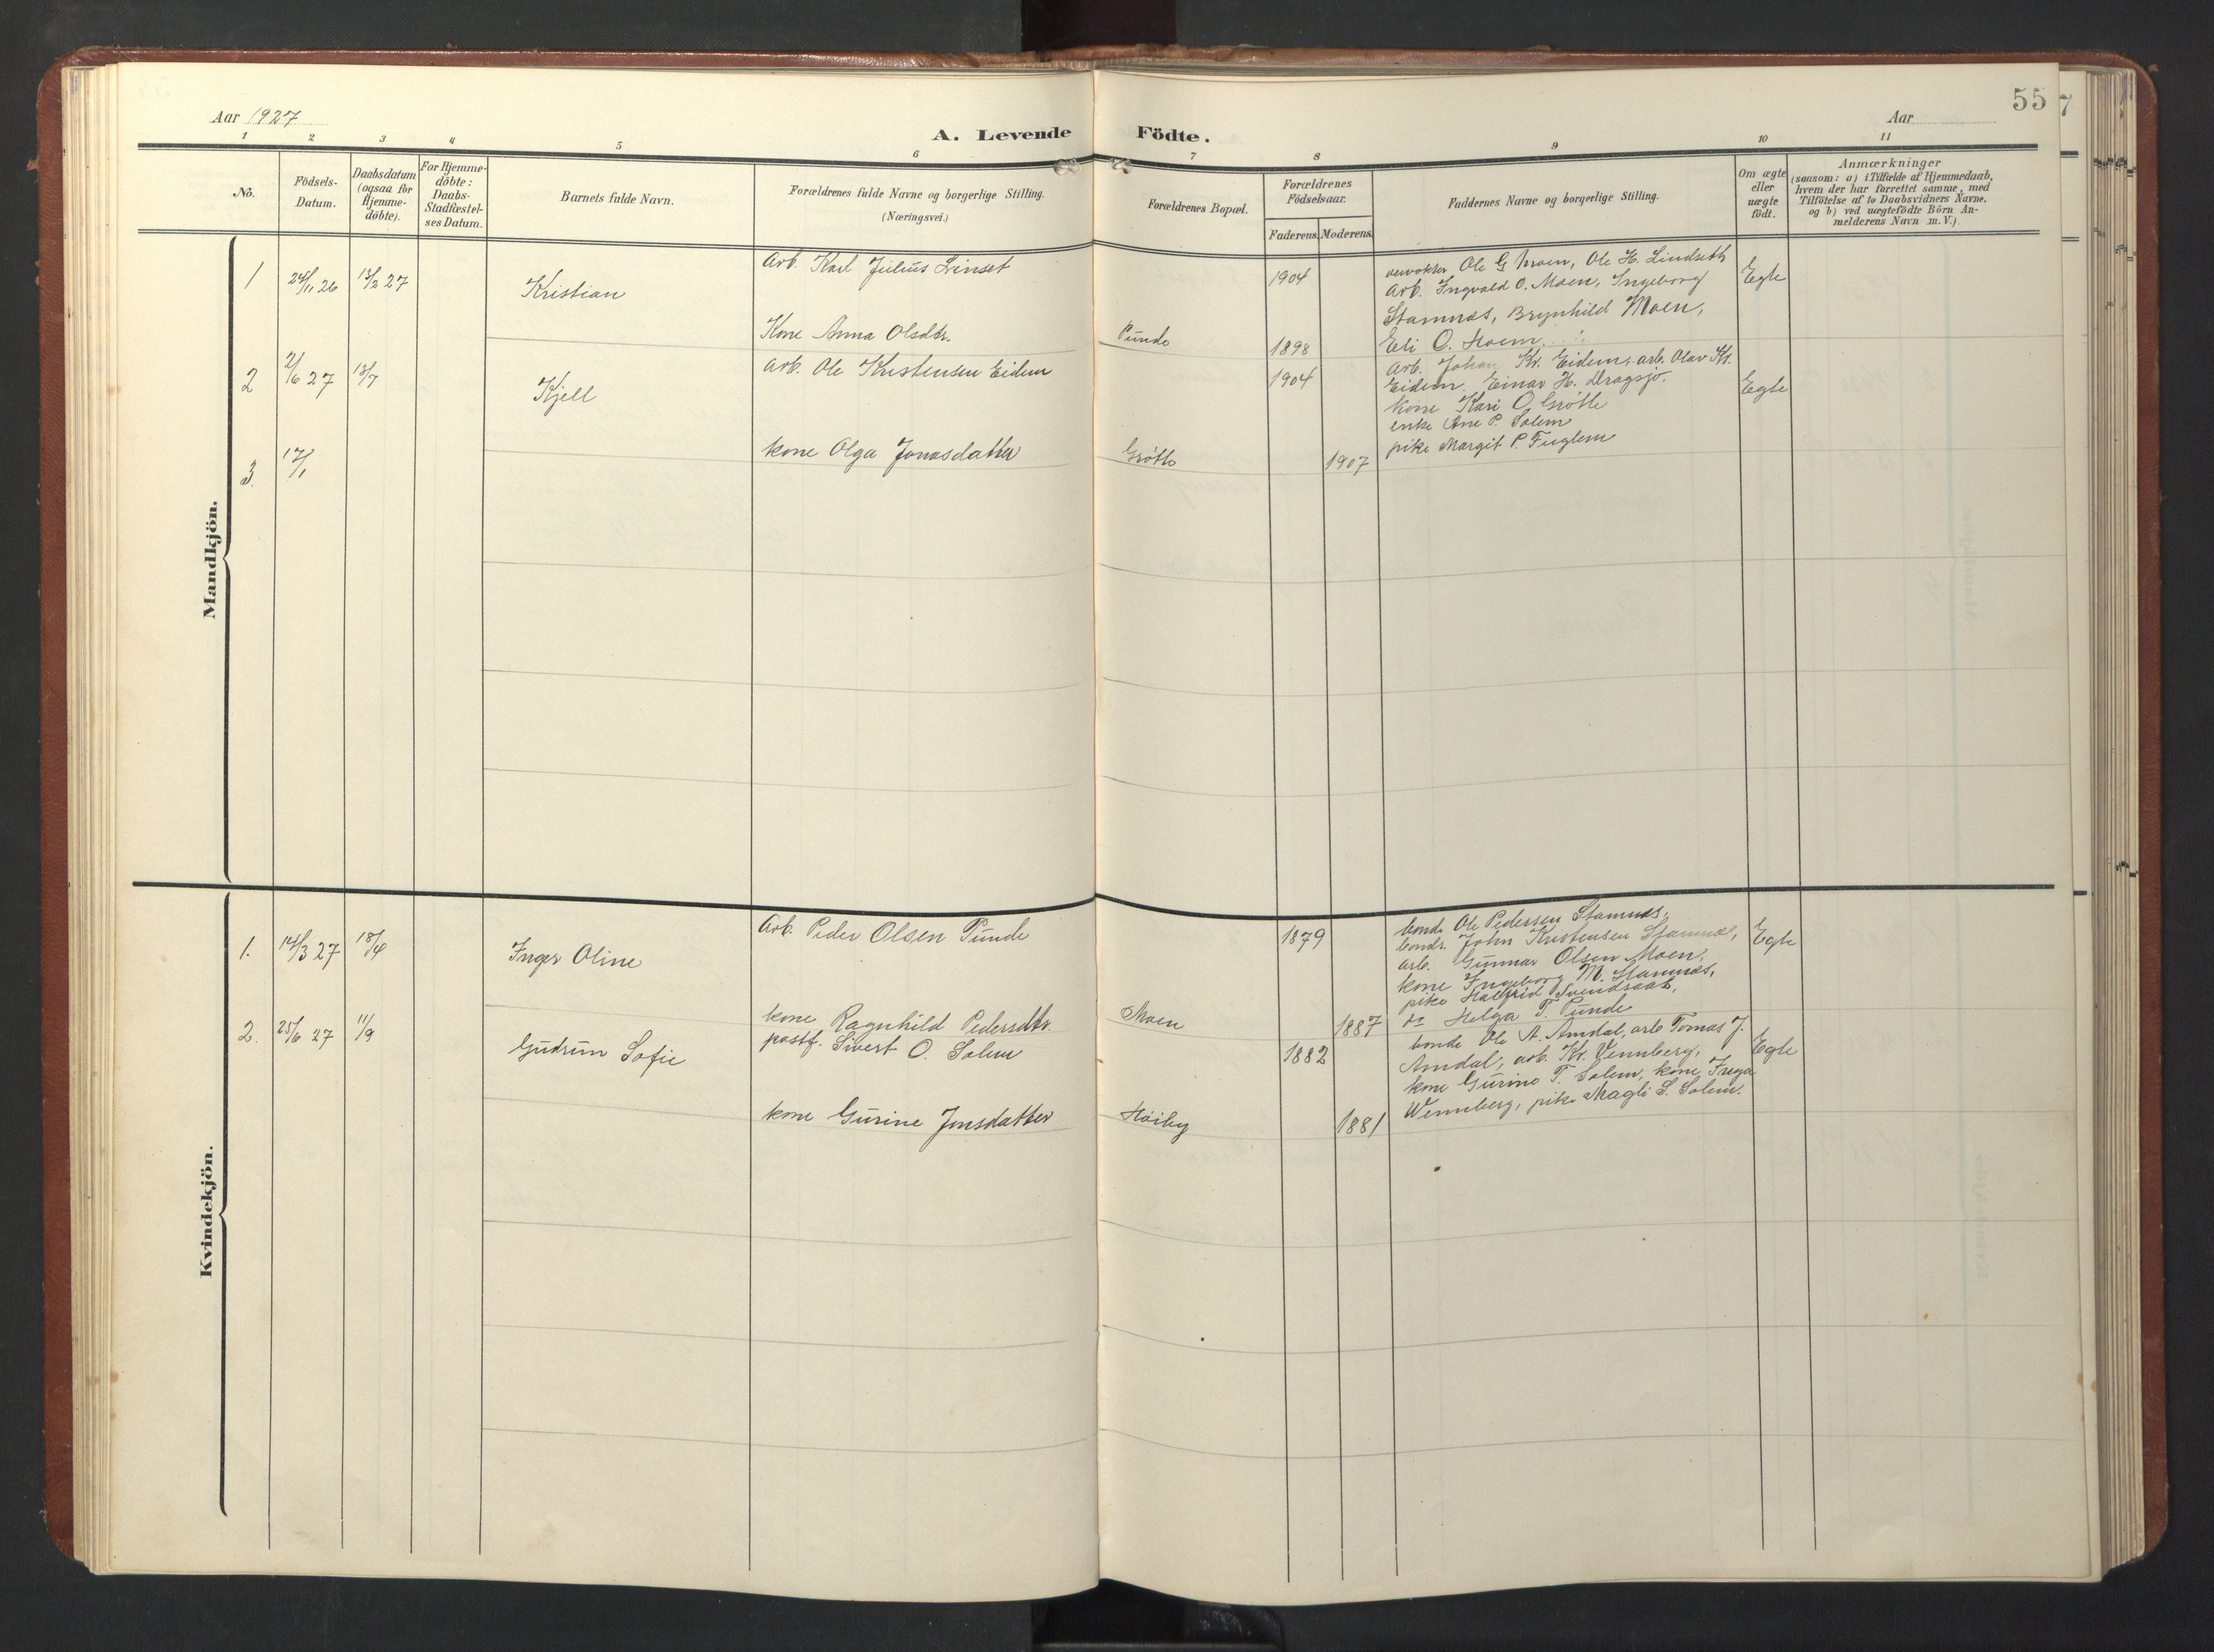 SAT, Ministerialprotokoller, klokkerbøker og fødselsregistre - Sør-Trøndelag, 696/L1161: Klokkerbok nr. 696C01, 1902-1950, s. 55